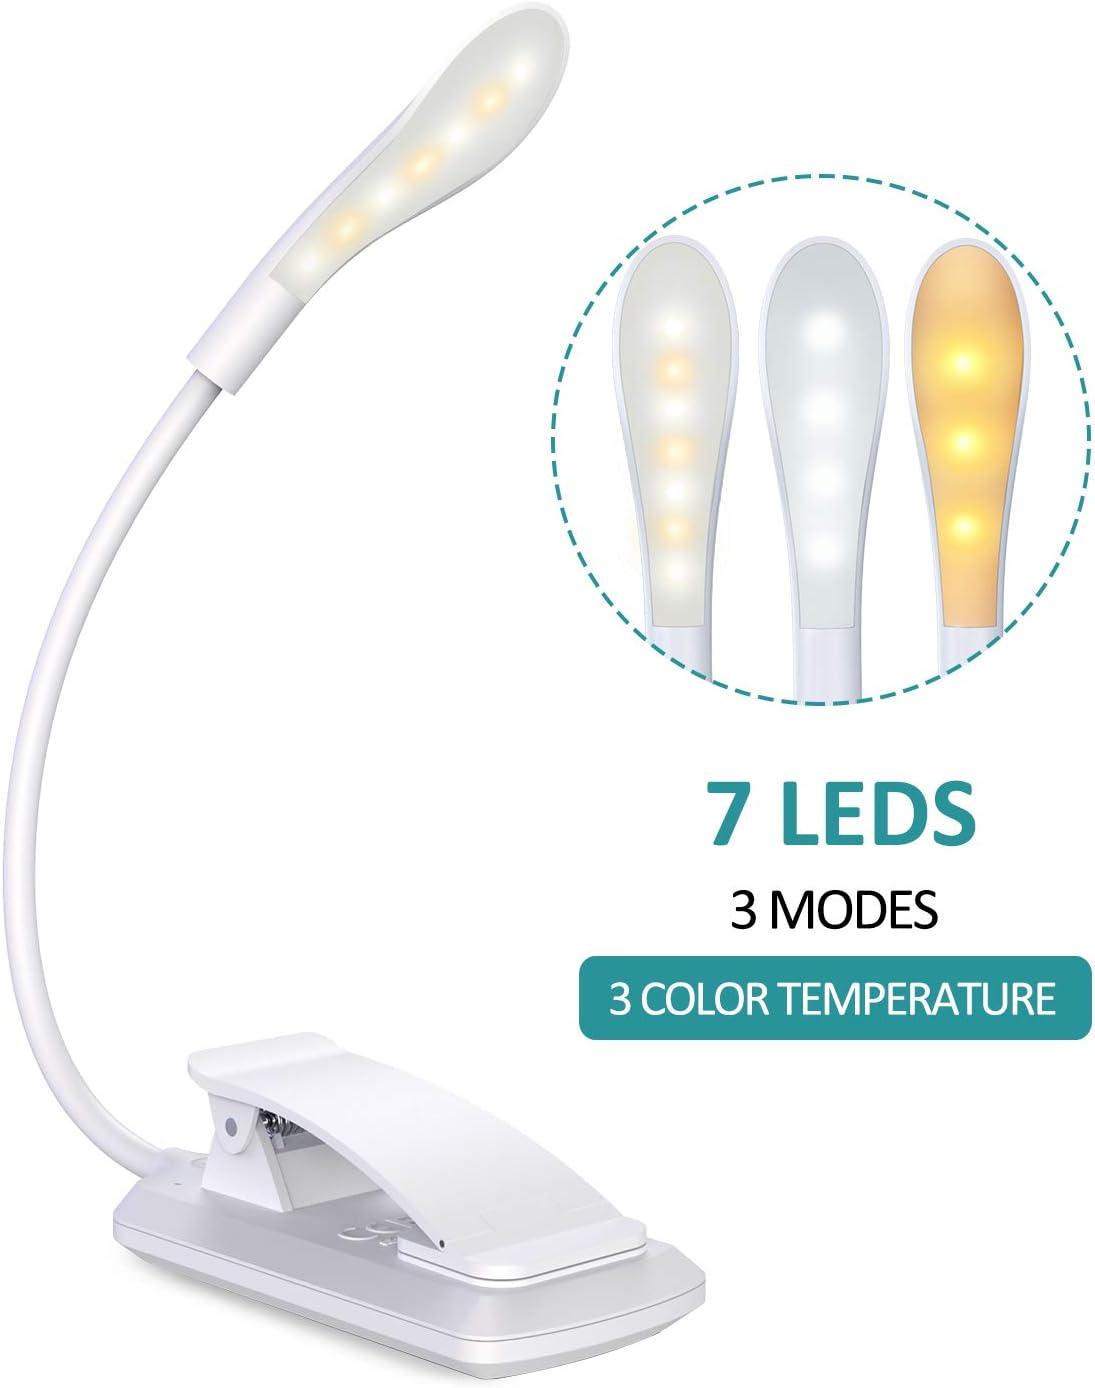 Cocoda Luz Lectura, Lampara Lectura de 360° Flexible con 3 Modos, 7 LED Lampara Pinza Brillo Ajustable con USB Recargable, Sensor Táctil, Luz Nocturna para Leer Libros en la Cama, Kindle (Blanco)